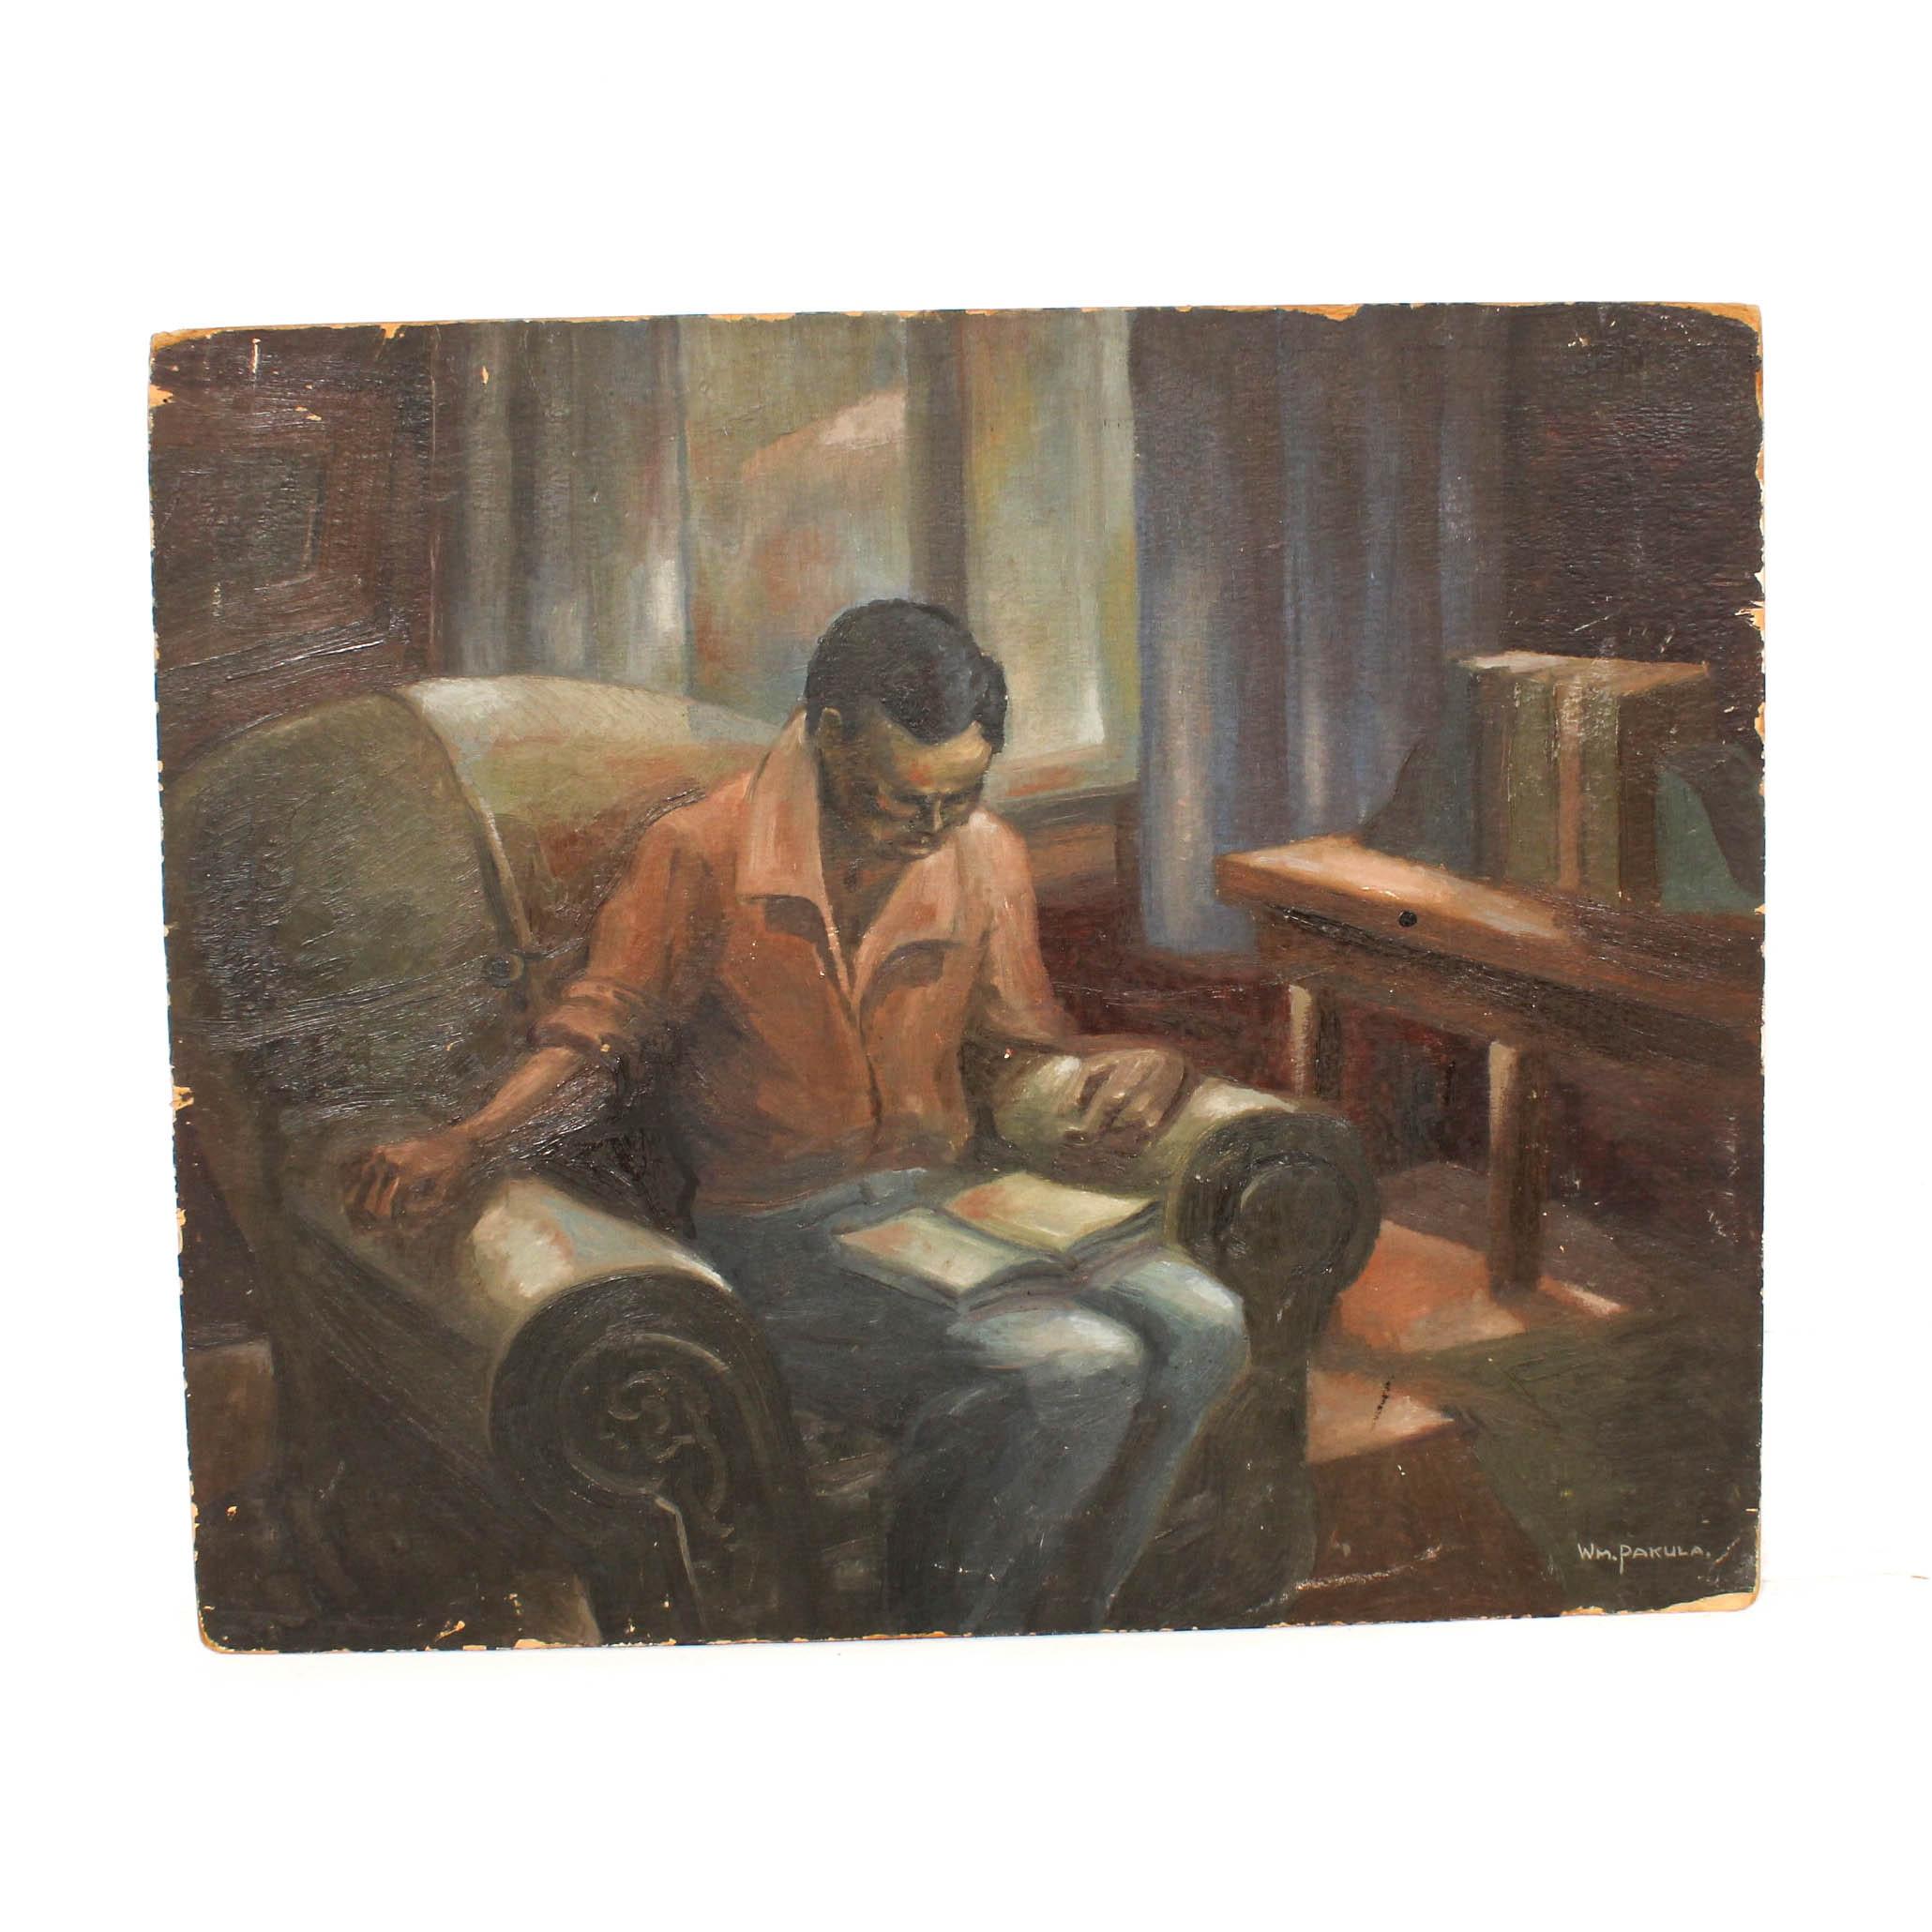 William Pakula Oil Painting Interior Scene